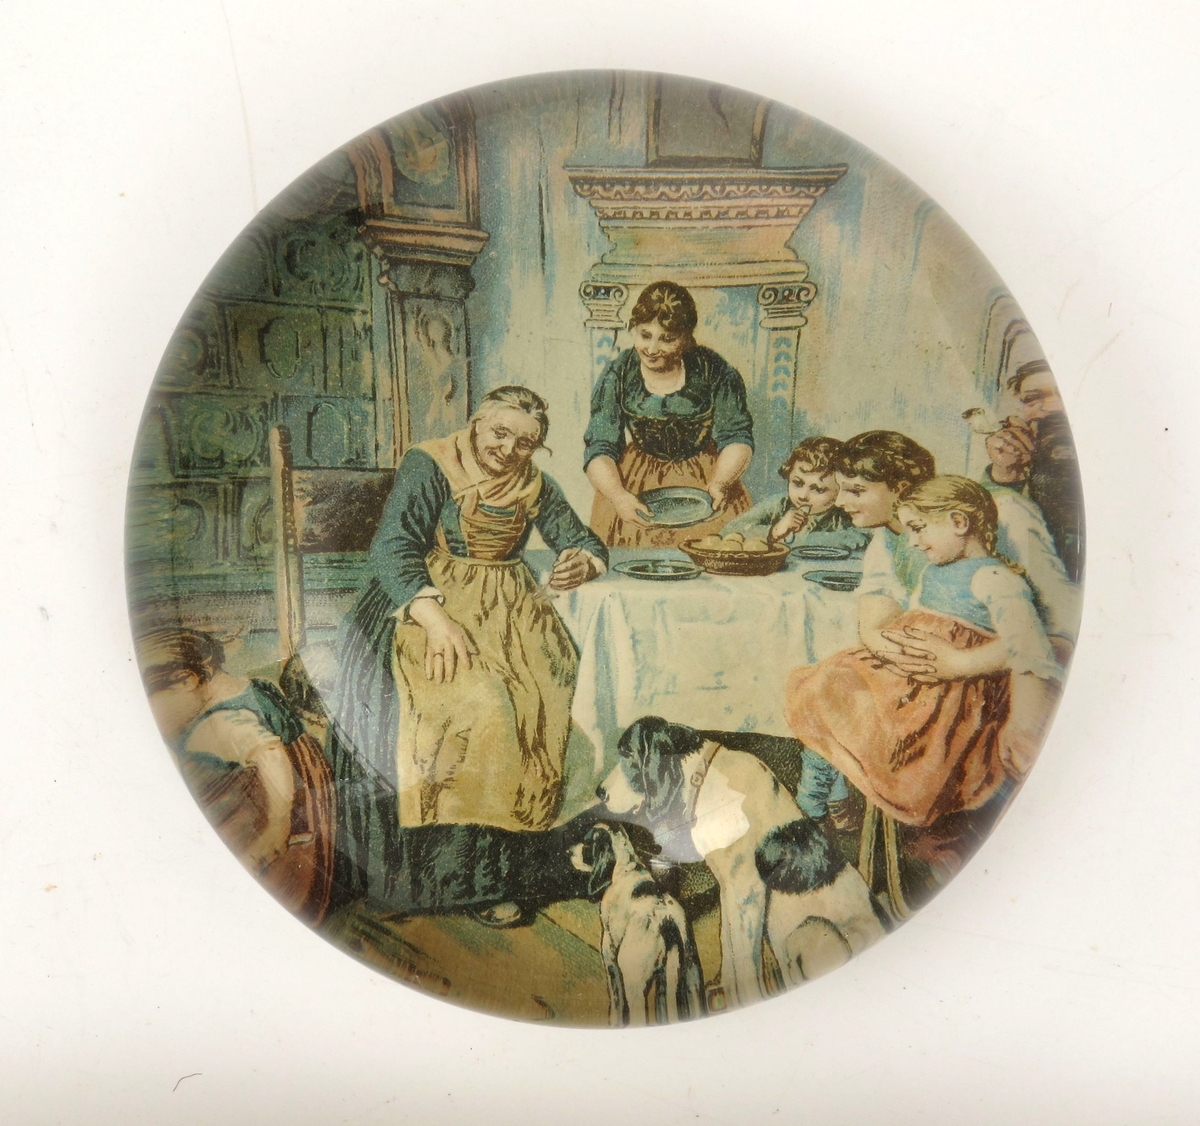 Familie rundt et spisebord med hvit duk, to hunder i  forgrunnen. Interiør med kamin, vindu tv.